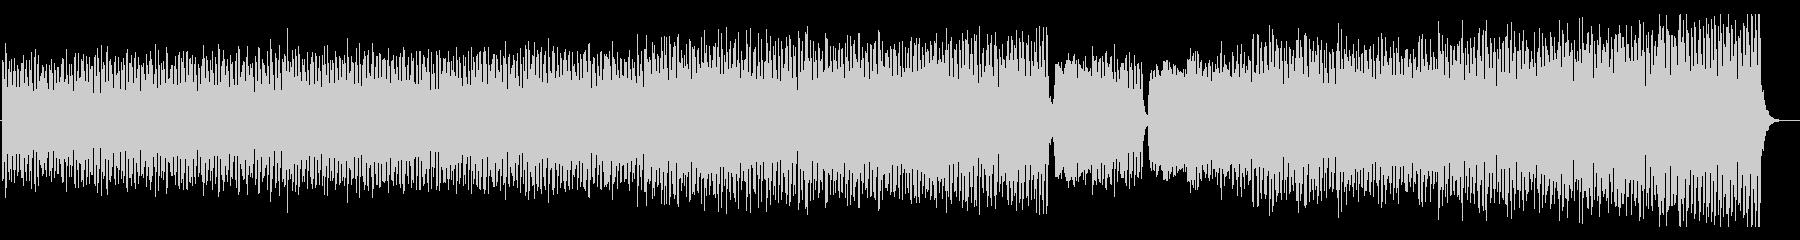 焦燥感 ミステリアス ミニマル音楽の未再生の波形